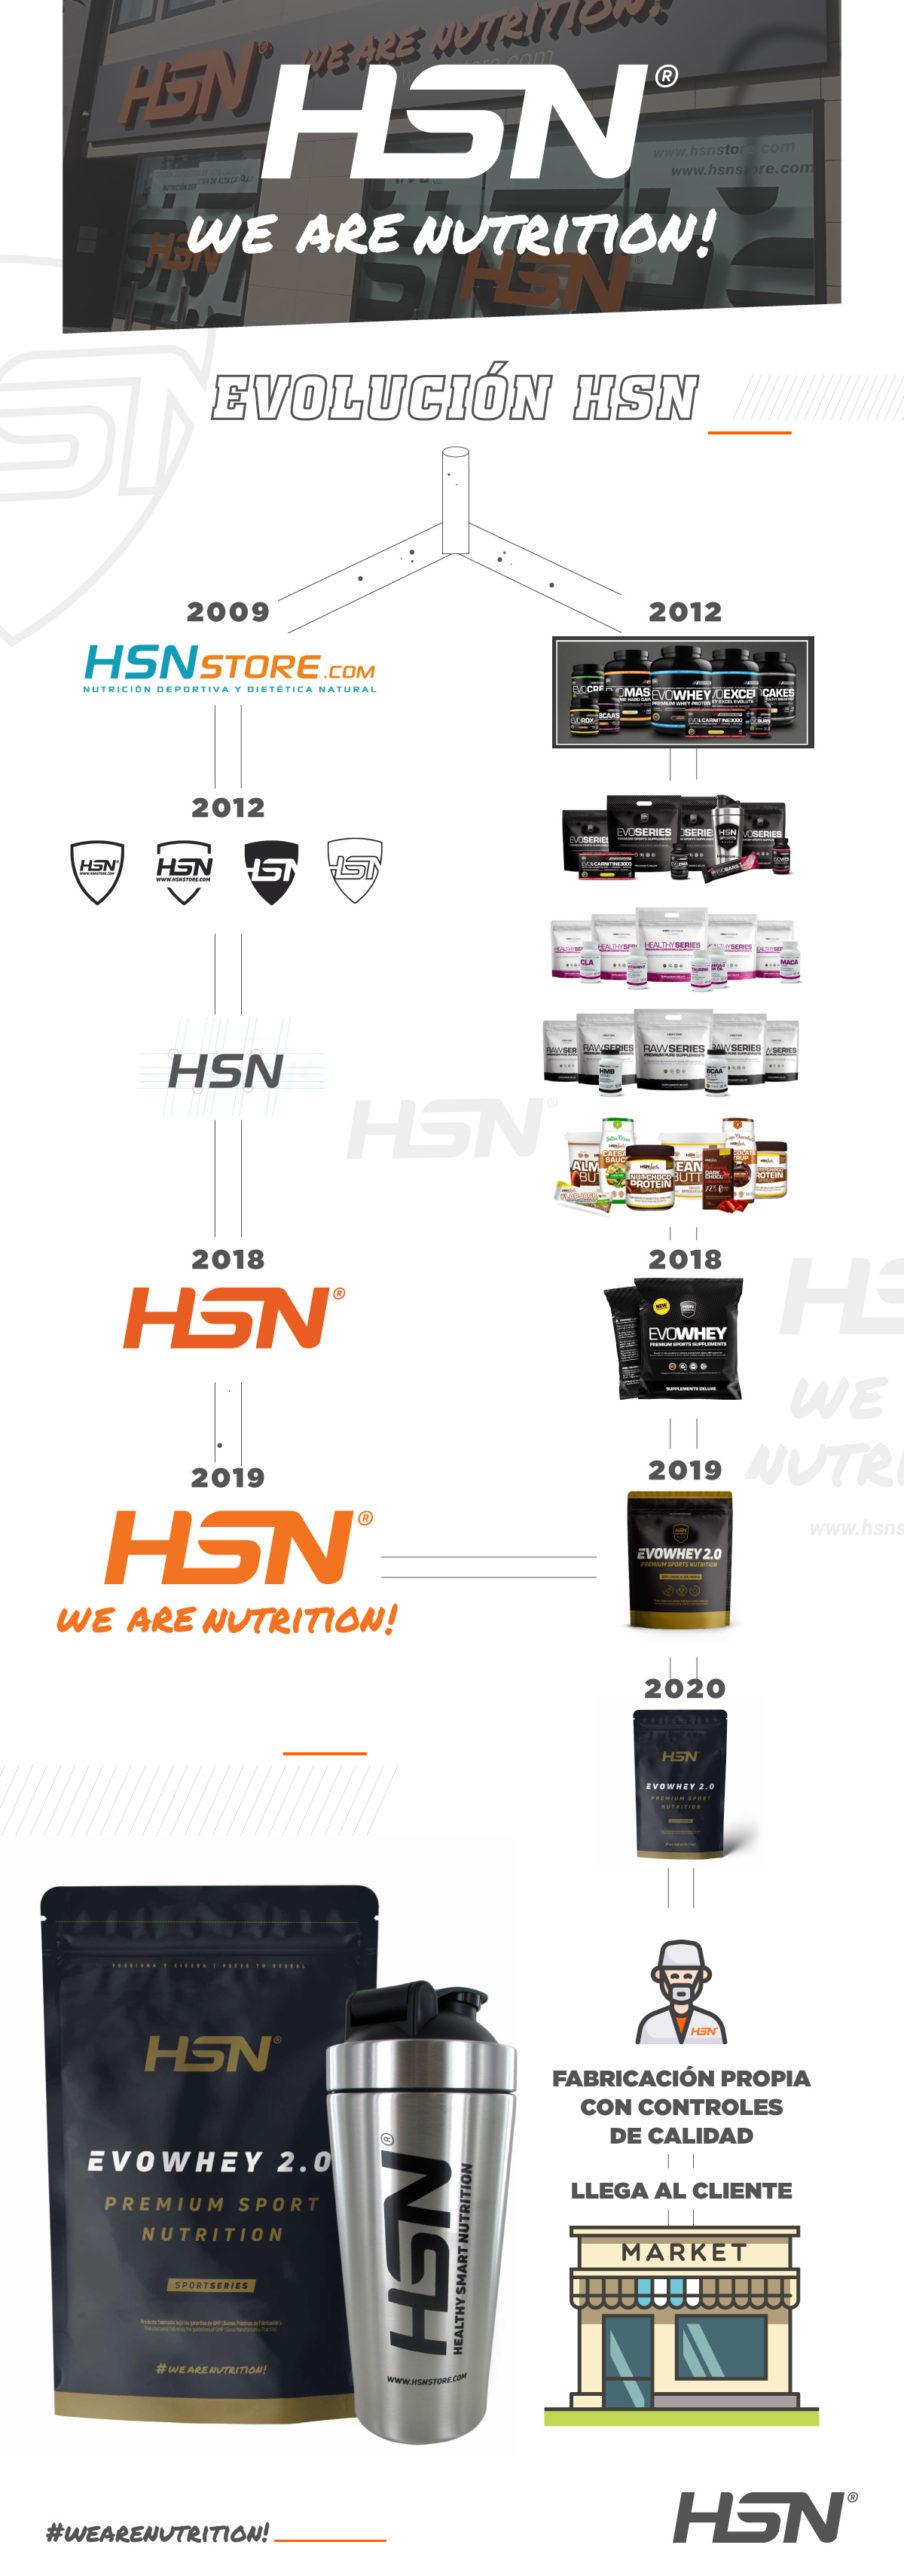 Evoluzione HSN